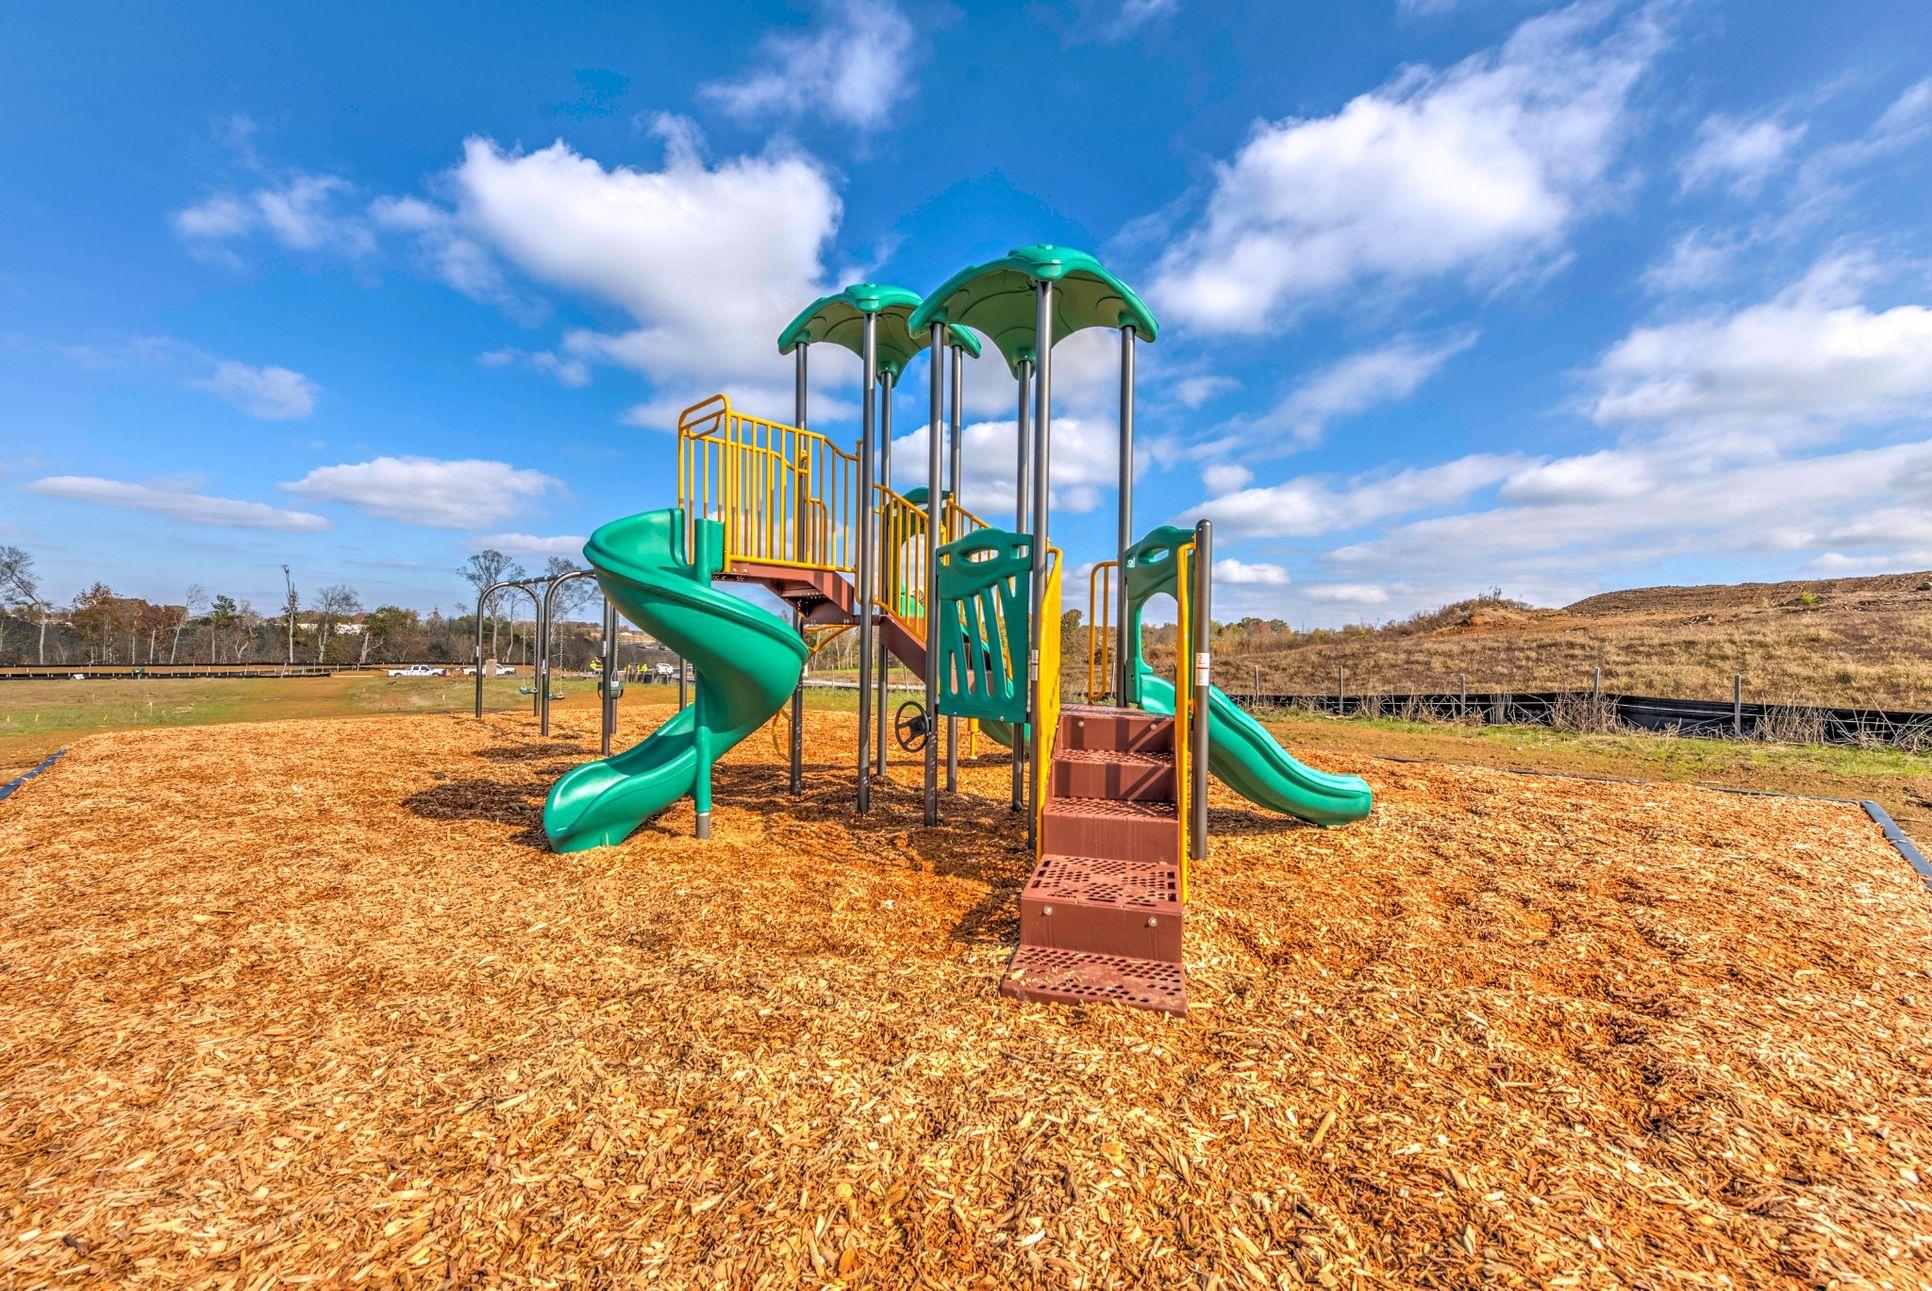 Morgan Park Playground